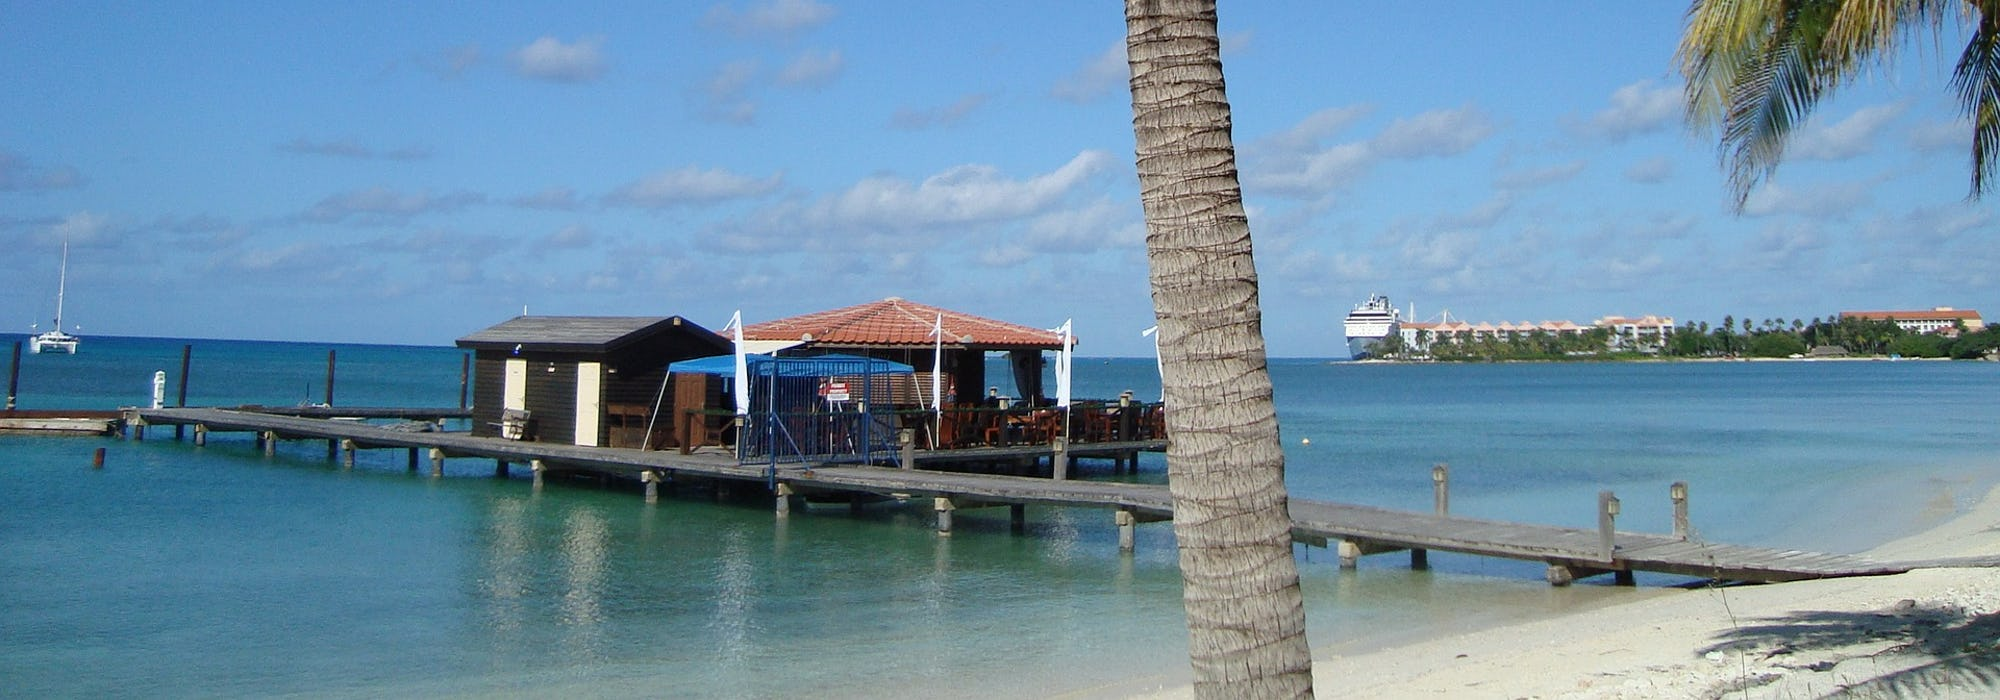 En bild från Oranjestad, Aruba med snövit strand, palmträd och lugnt, klart vatten.